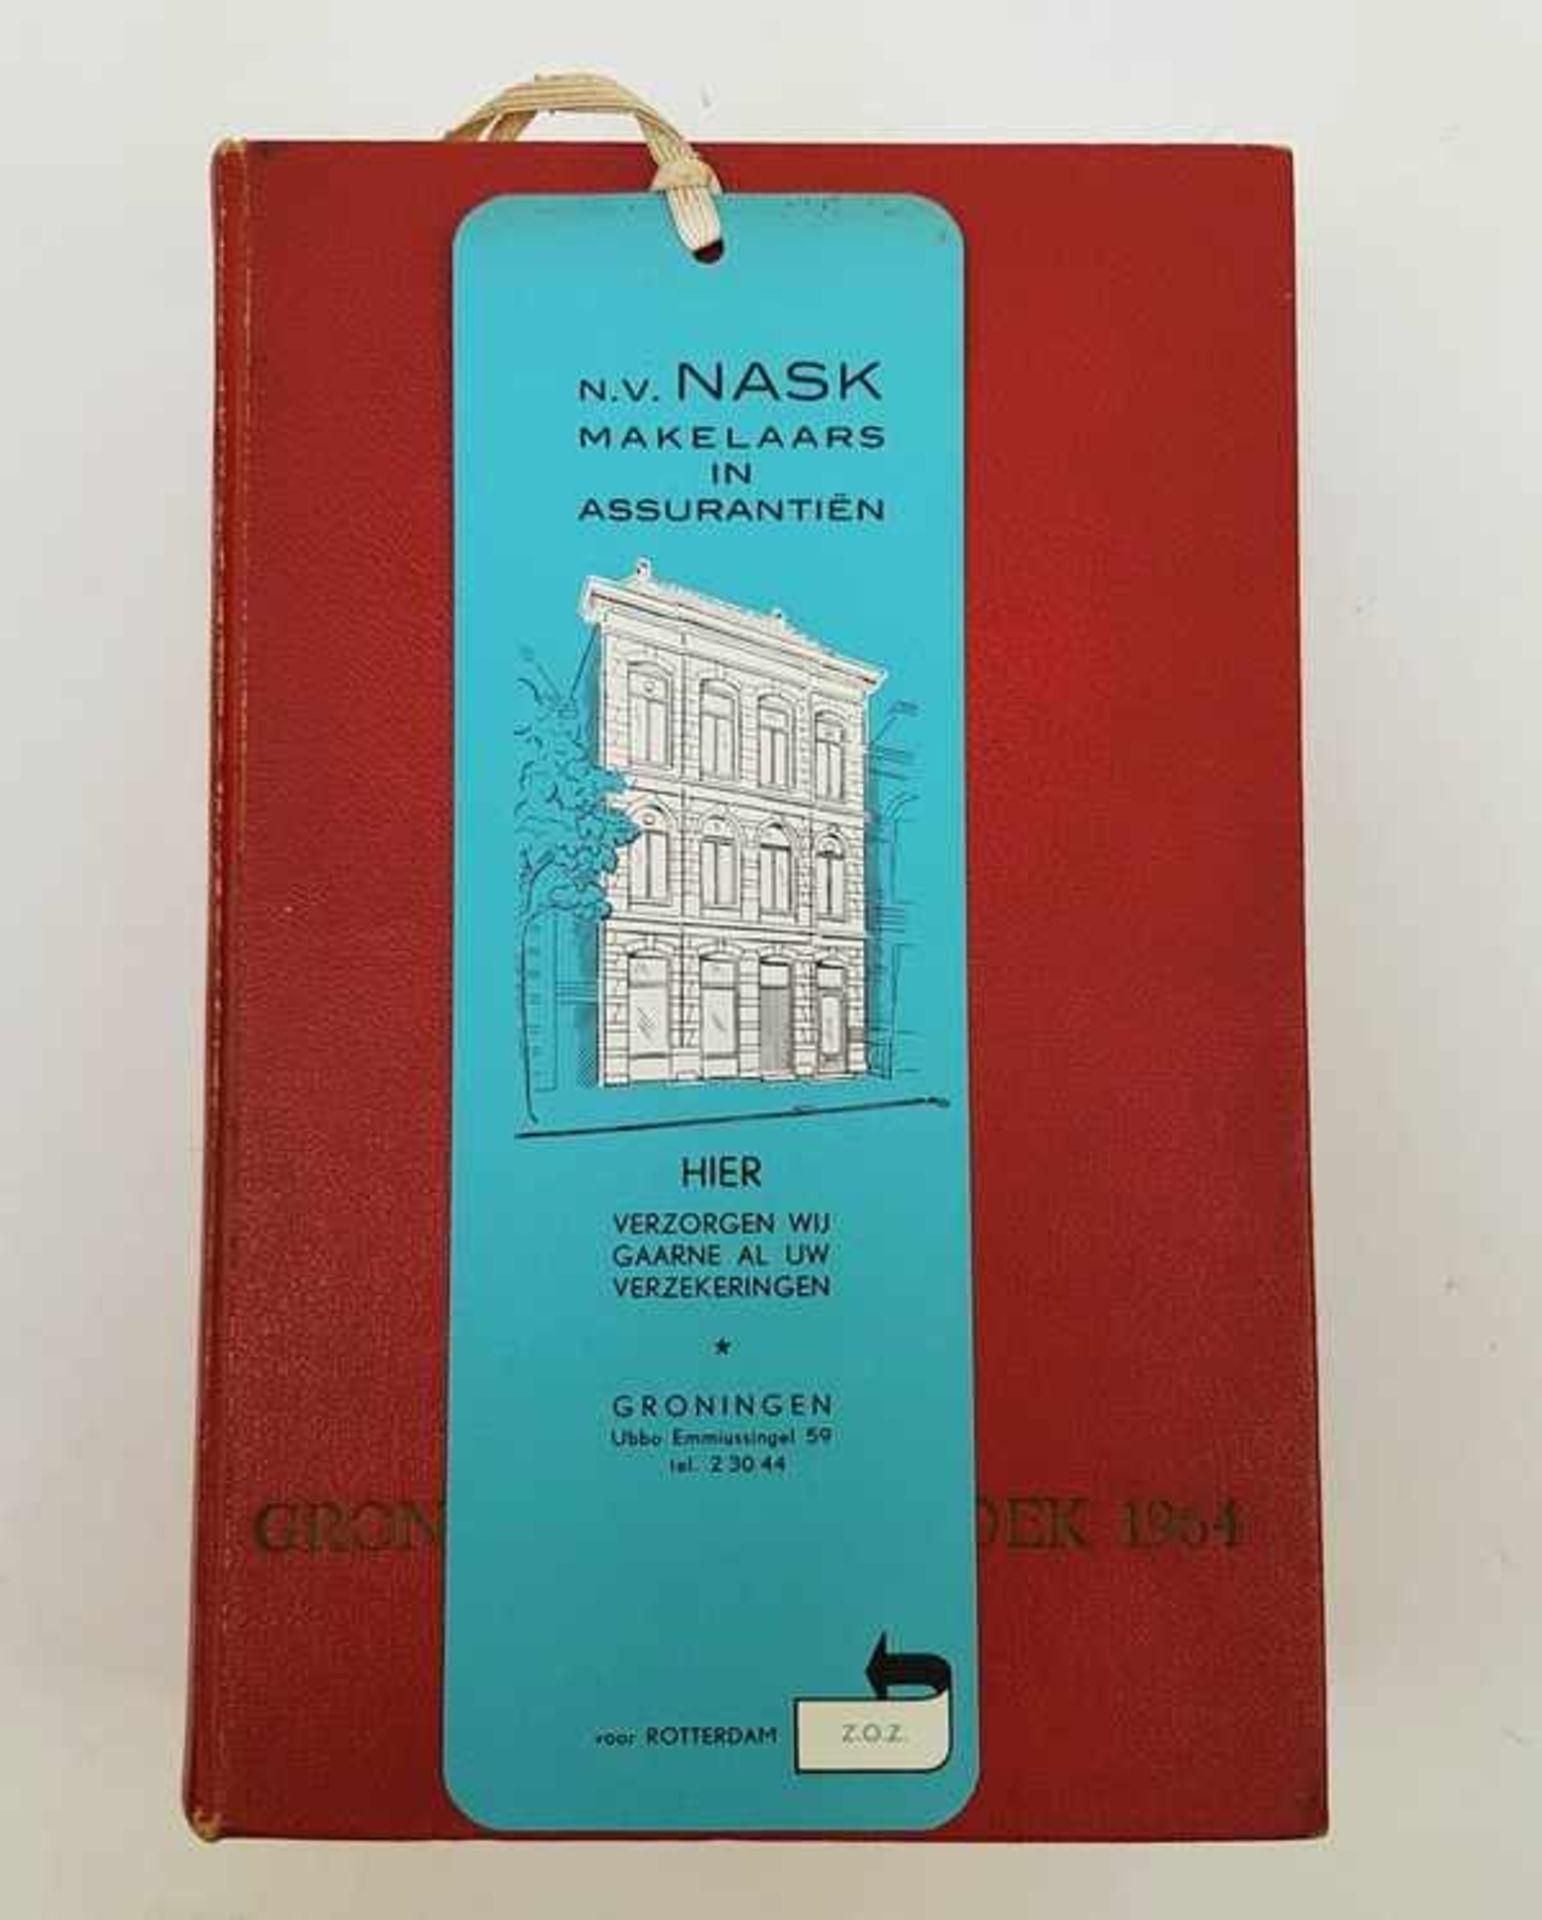 (Boeken) Groninger adresboek 1964 - Bild 2 aus 6